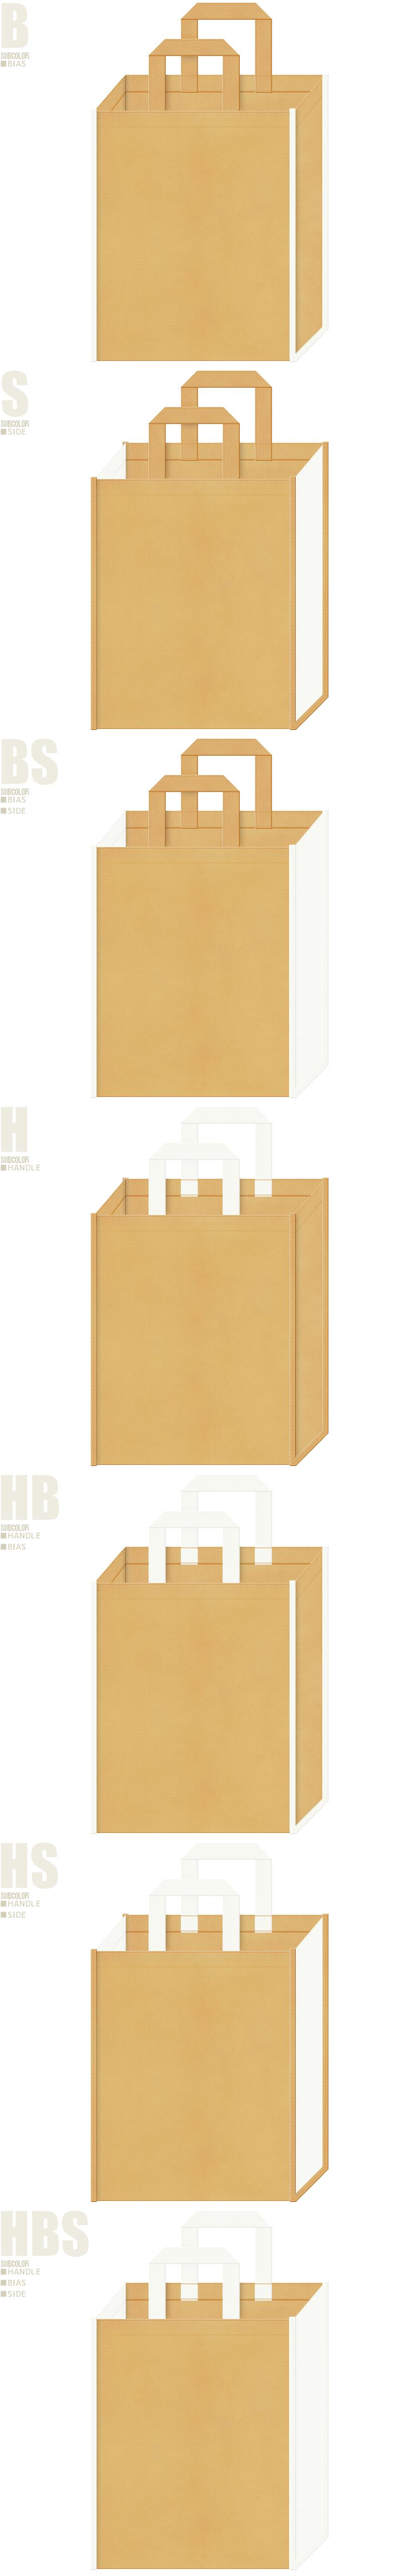 ニット・セーター・毛糸・手芸・乳製品・牧場・ロールケーキ・スイーツ・ベーカリーショップにお奨めの不織布バッグデザイン:薄黄土色とオフホワイト色の配色7パターン